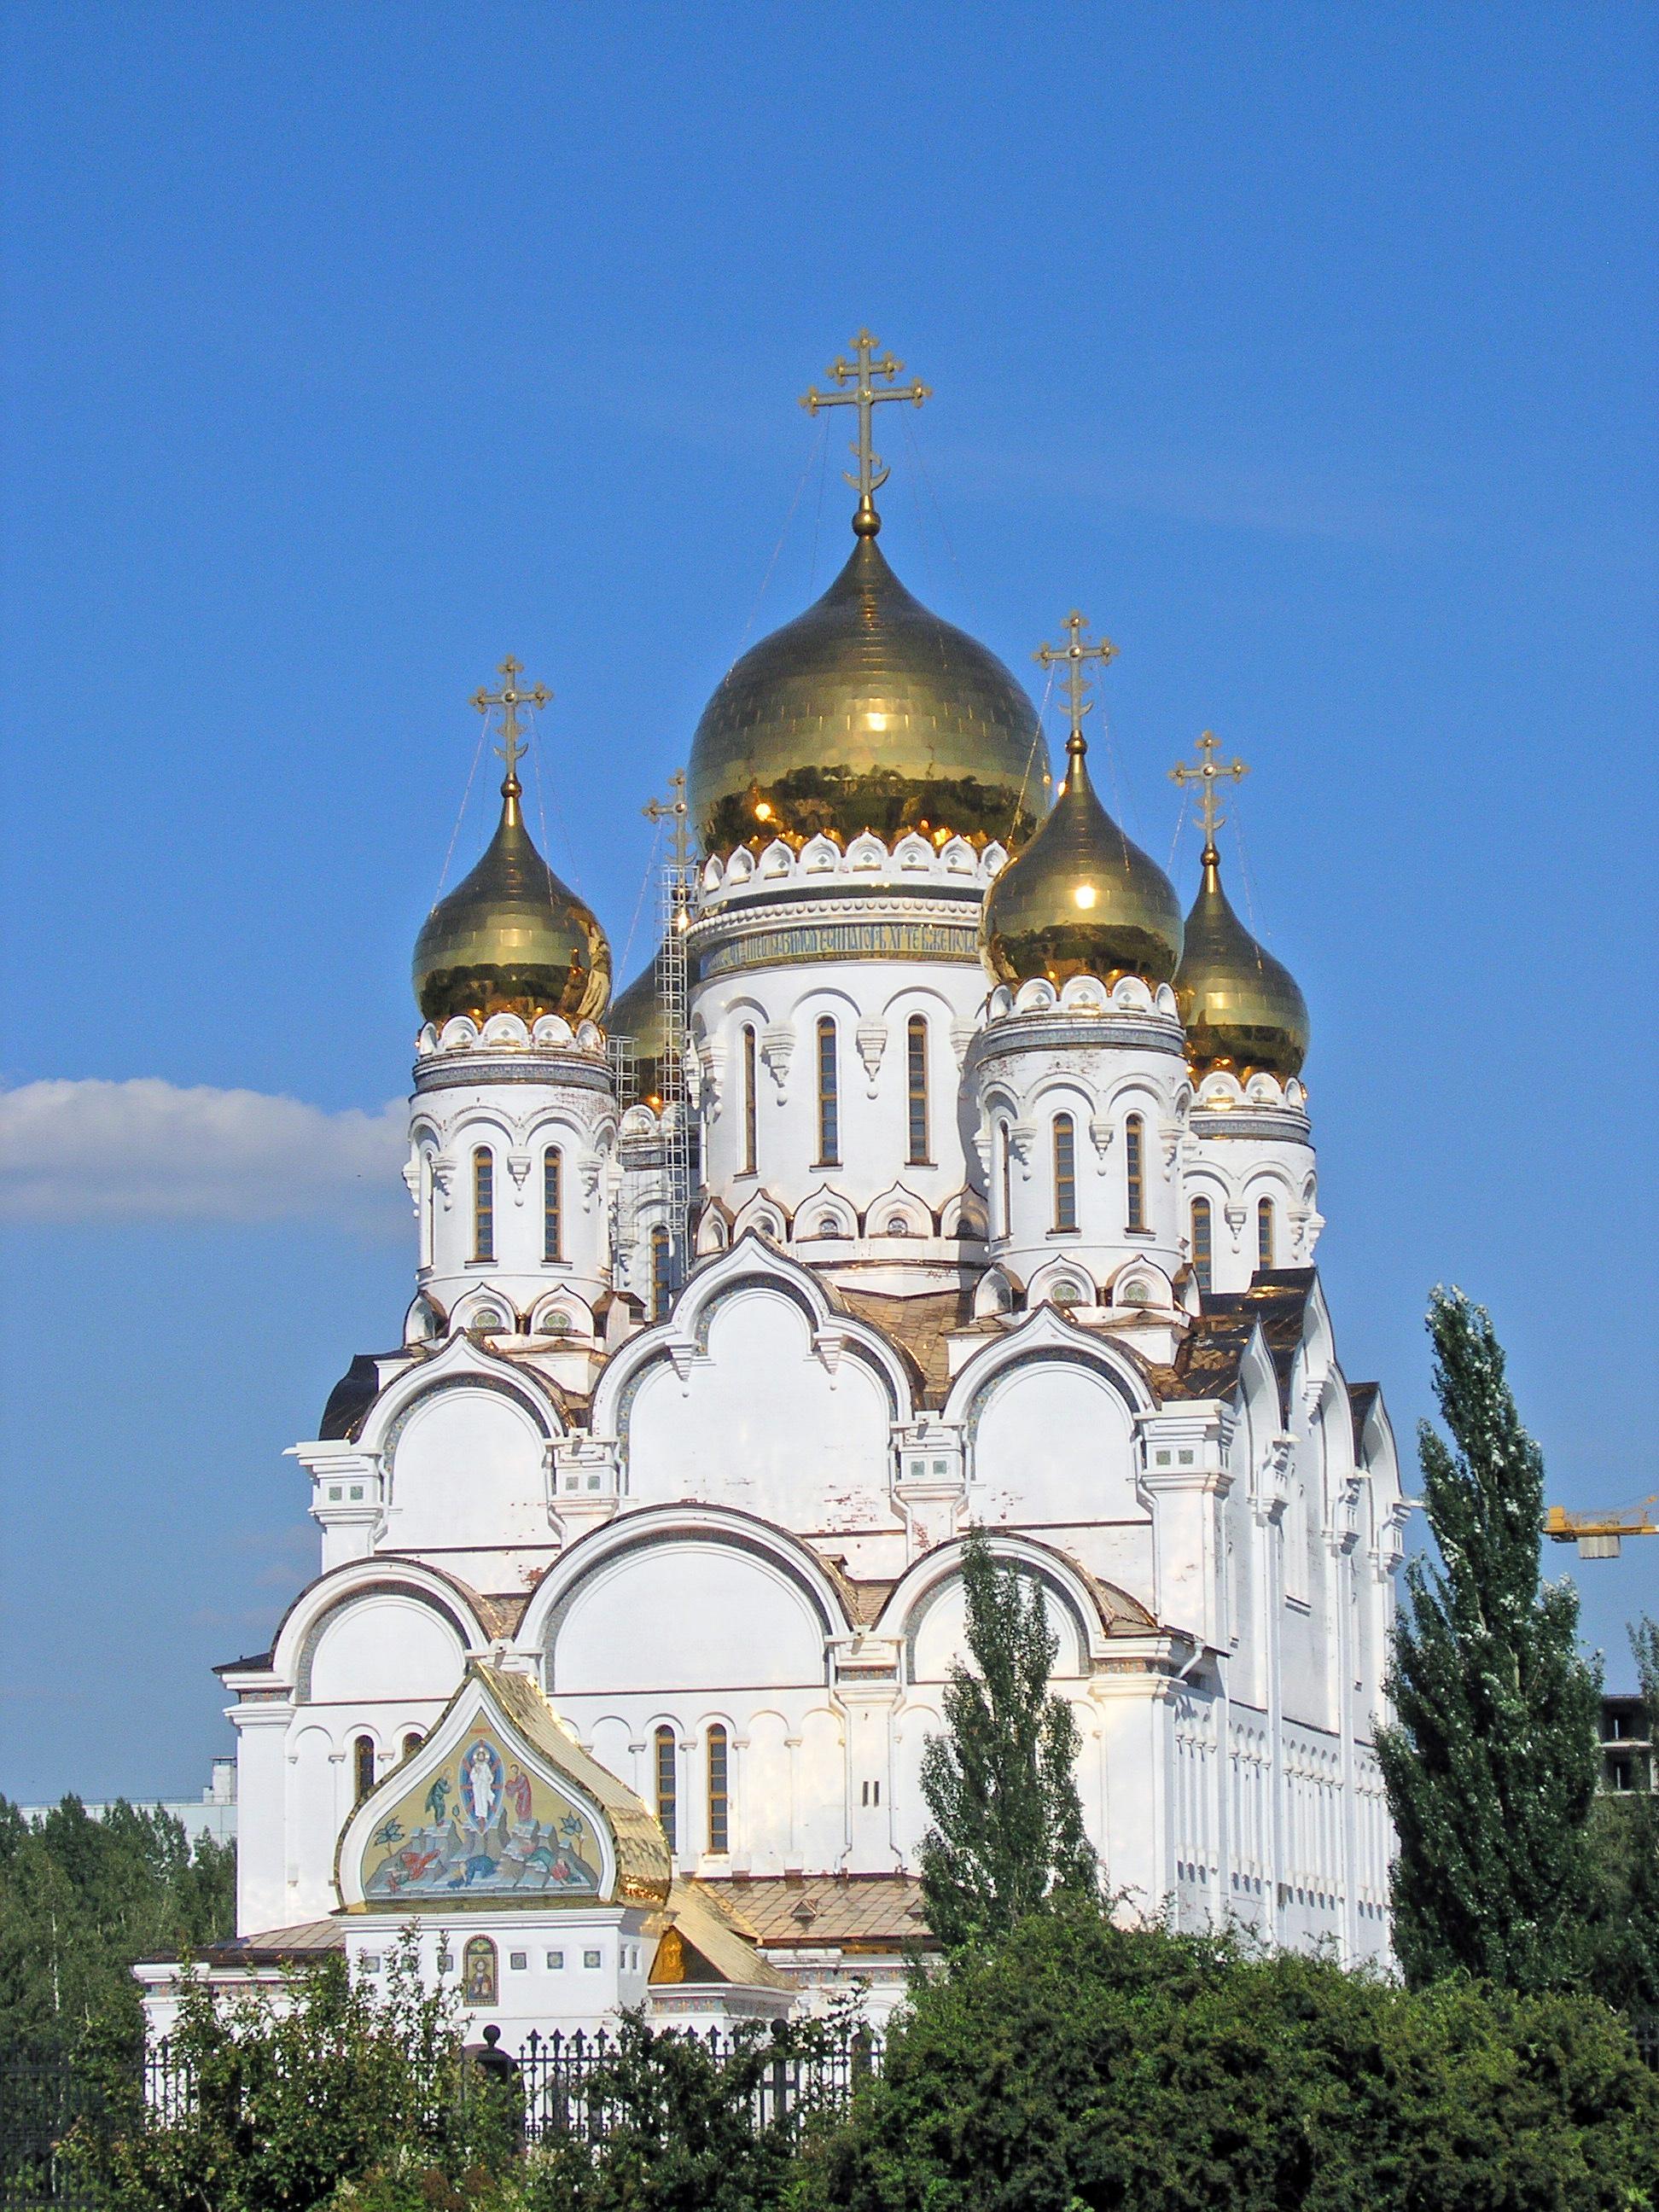 Togliatti Russia  city photos : Preobrazhensky Sobor, Togliatti, Russia Wikipedia, the free ...